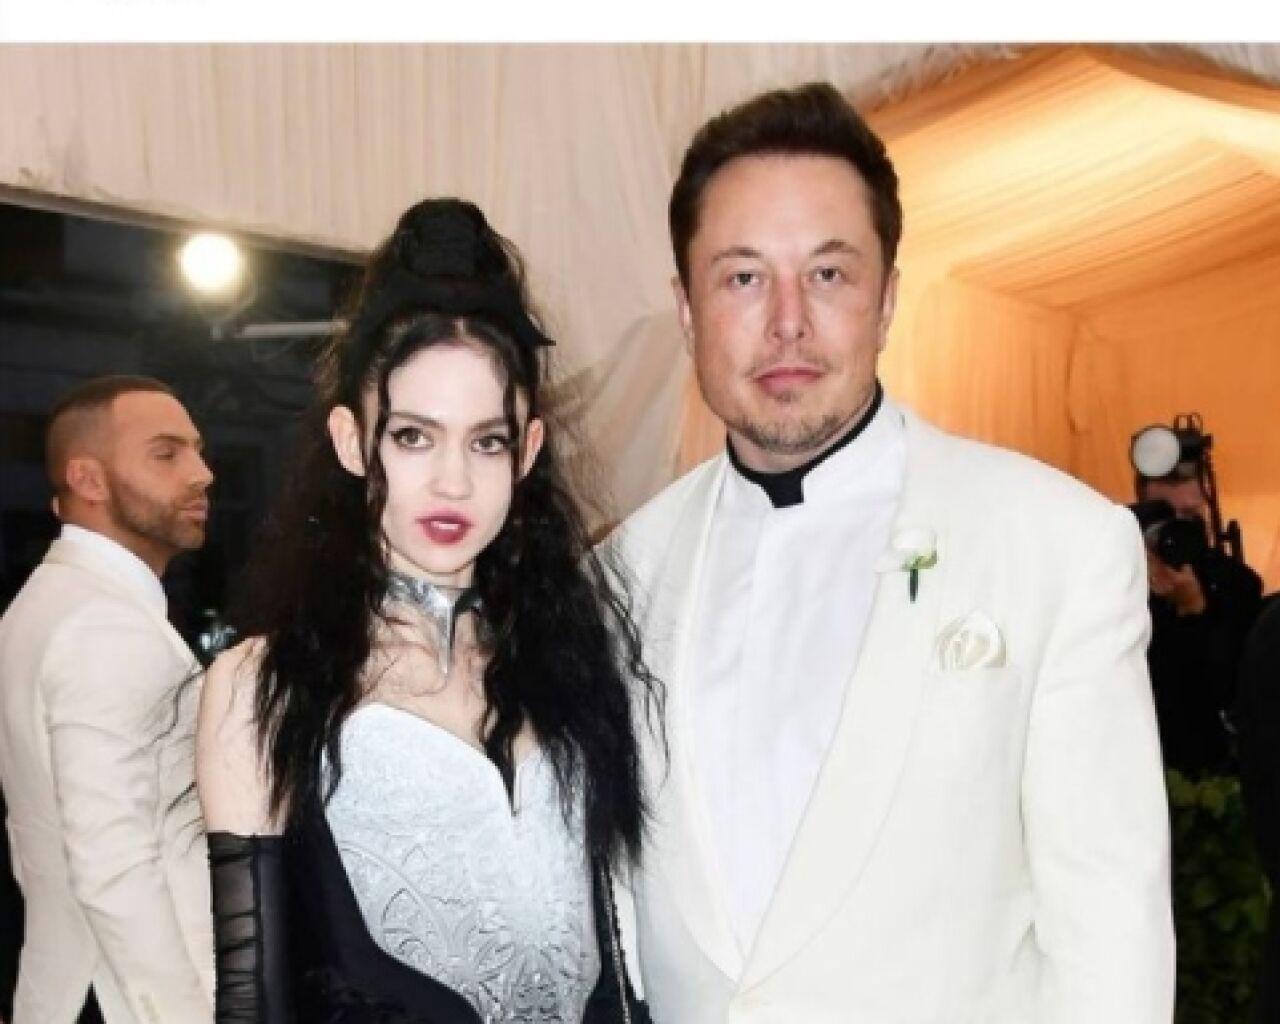 Musk Grimes separación.jpg